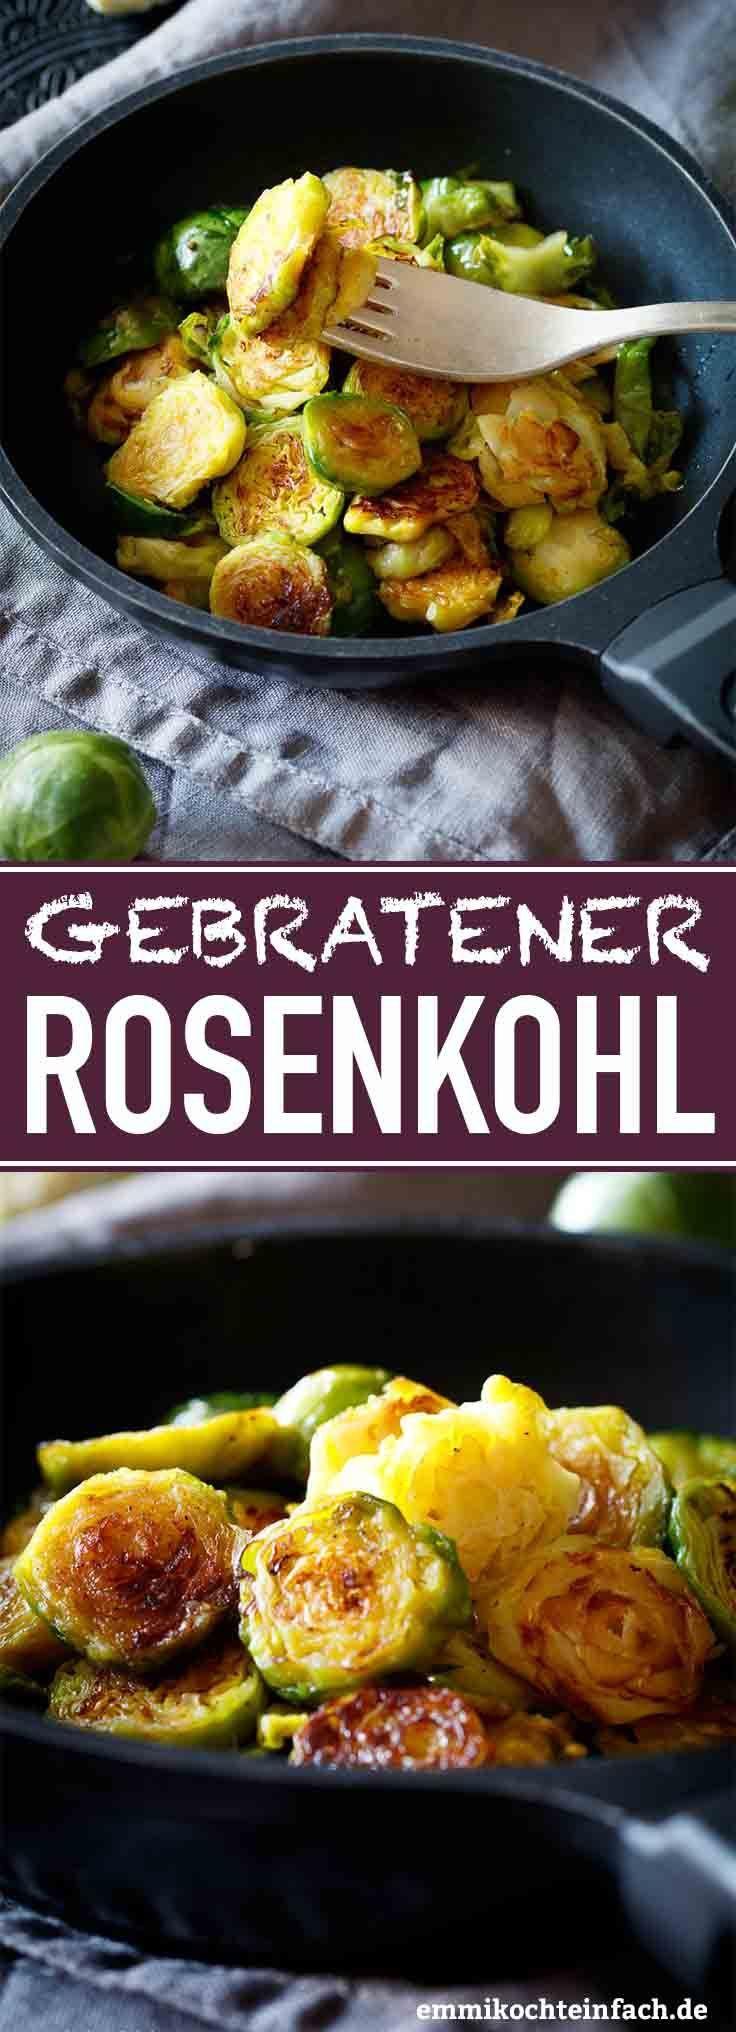 Gebratener Rosenkohl